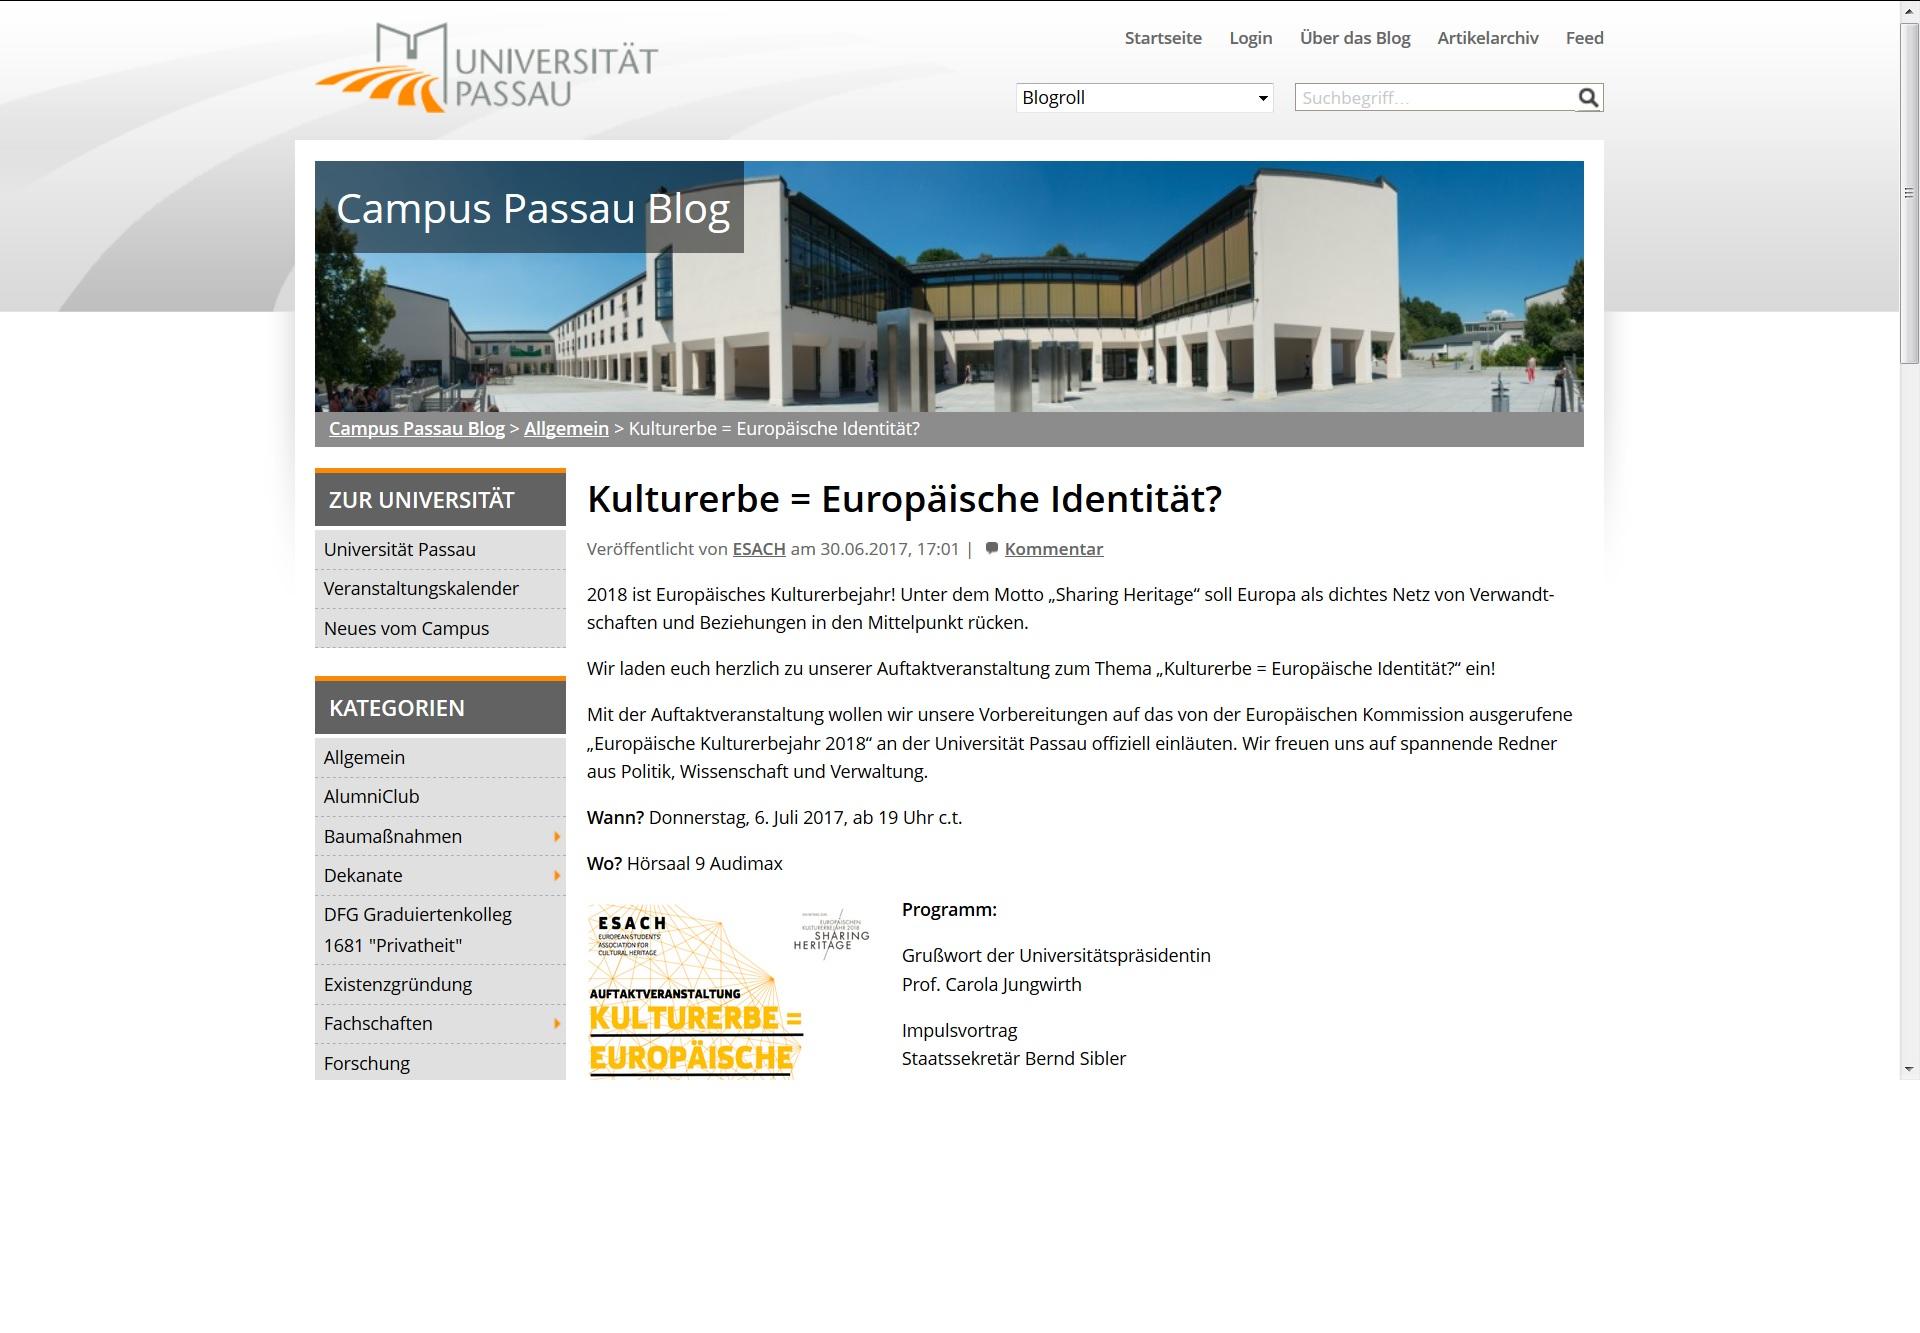 https://blog.uni-passau.de/2017/06/30/kulturerbe-europaeische-identitaet/